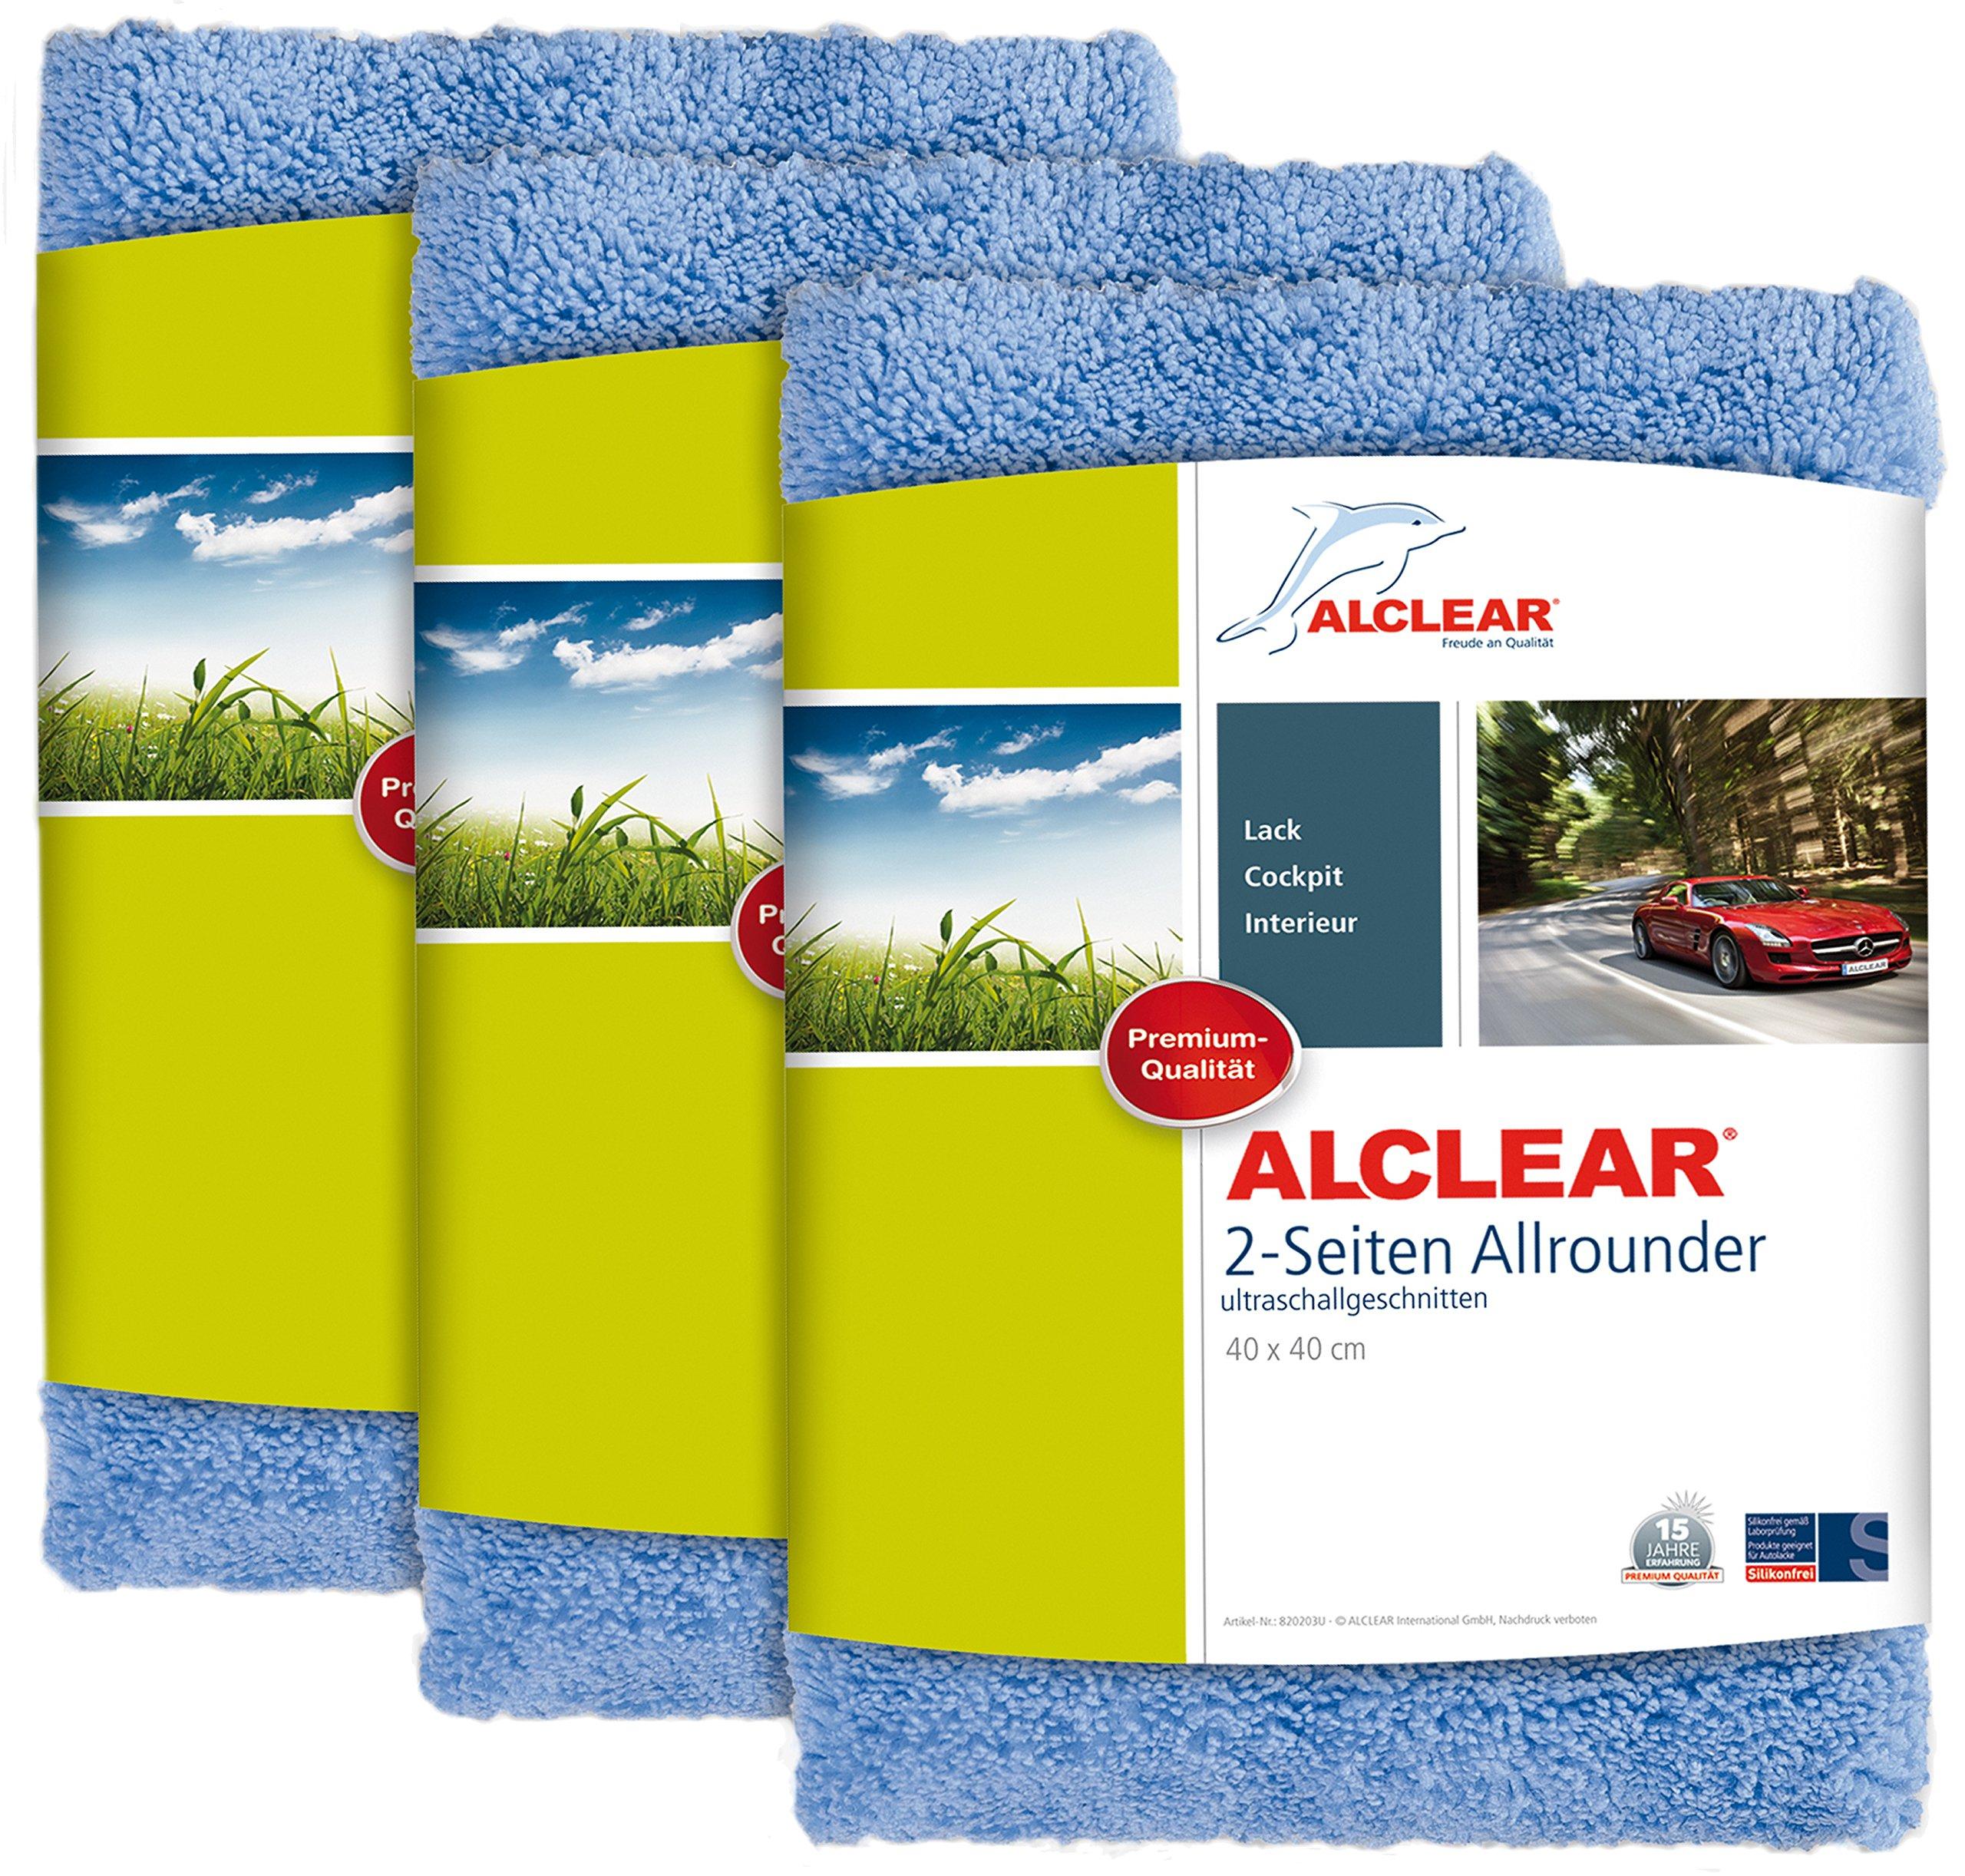 52a0579635ba19 ALCLEAR Poliertücher 2-Seiten-Allrounder für Auto Motorrad    Poliermaschine